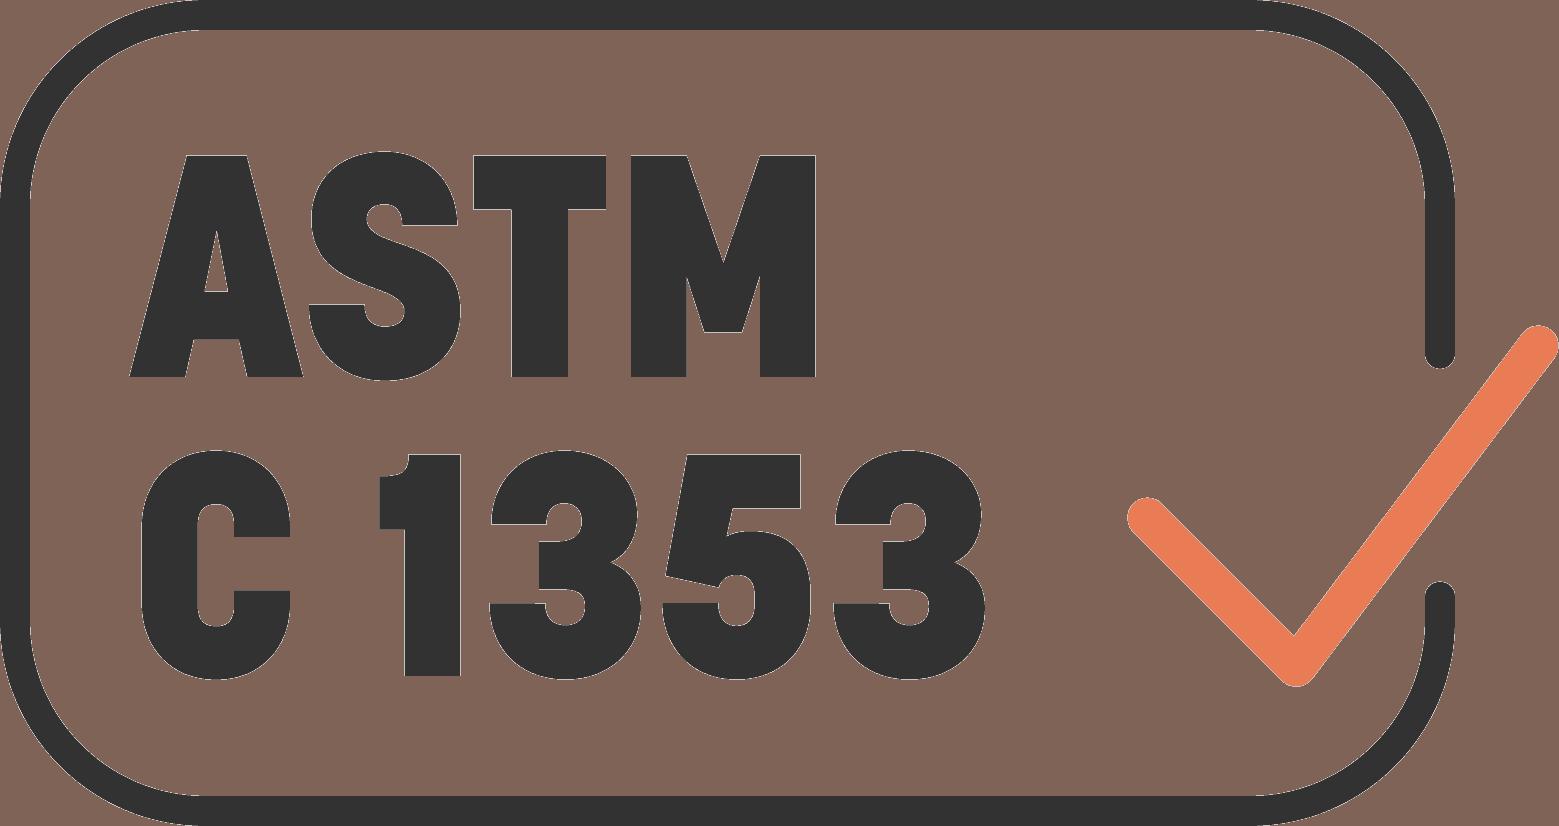 ASTM C 1353